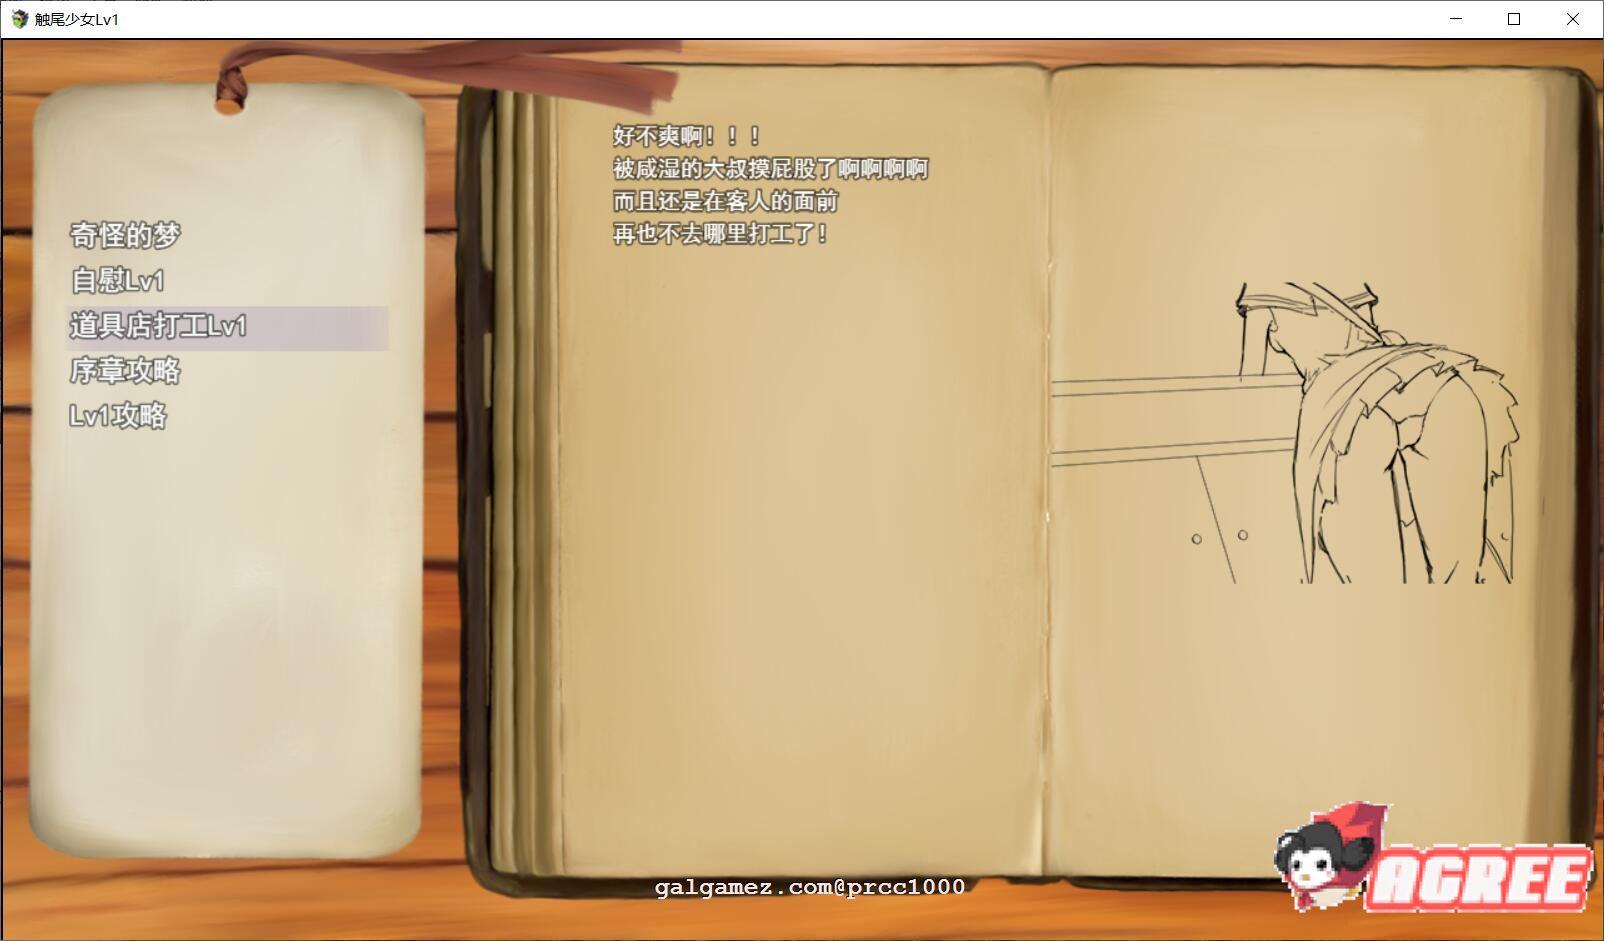 【恶堕RPG/中文/步兵】触尾少女LV2~打工治疗寄生触手吧 官方中文步兵版 【600M/更新】 4